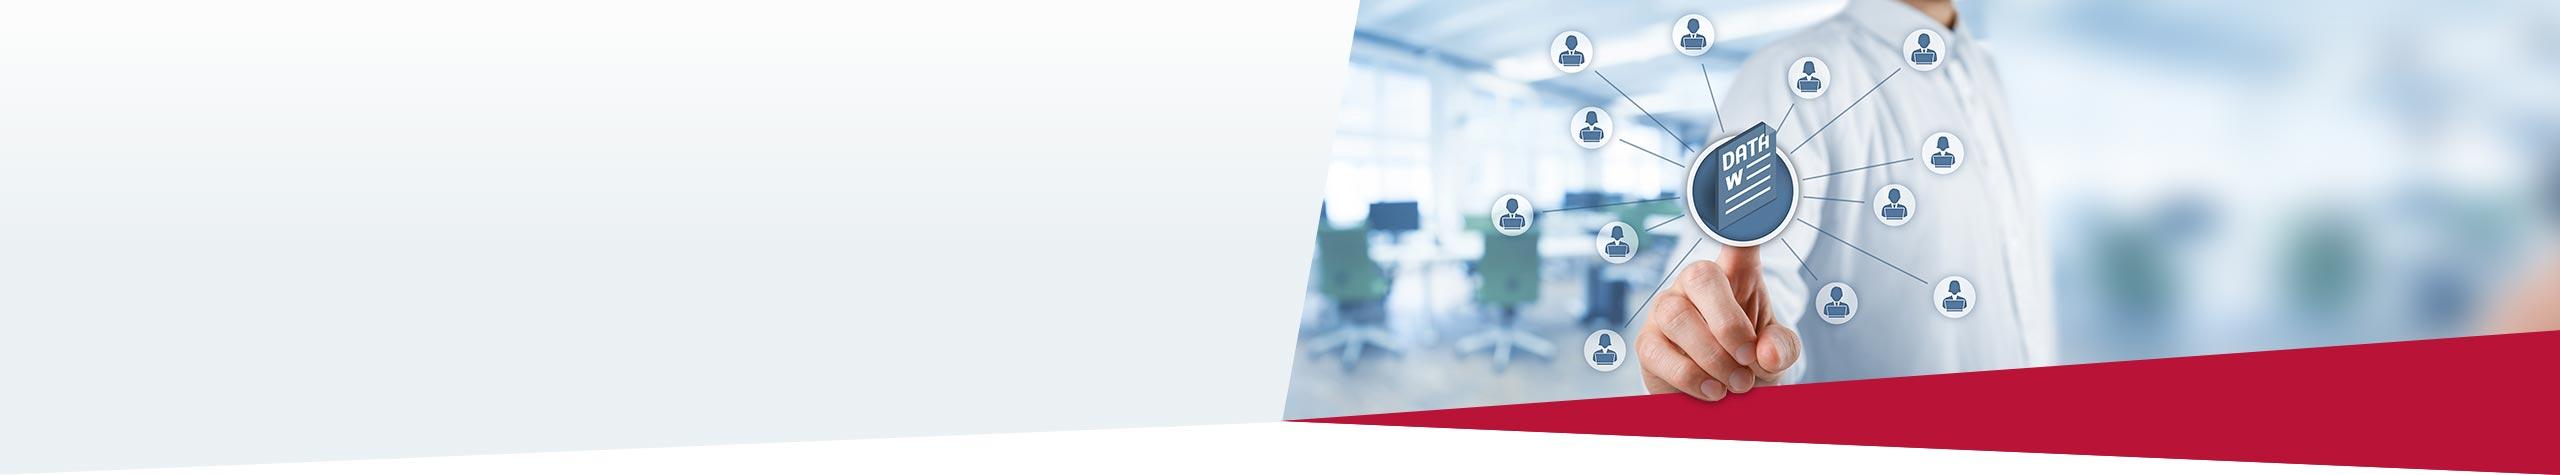 SOLIDWORKS Manage Fortschrittliche Datenverwaltungstools.